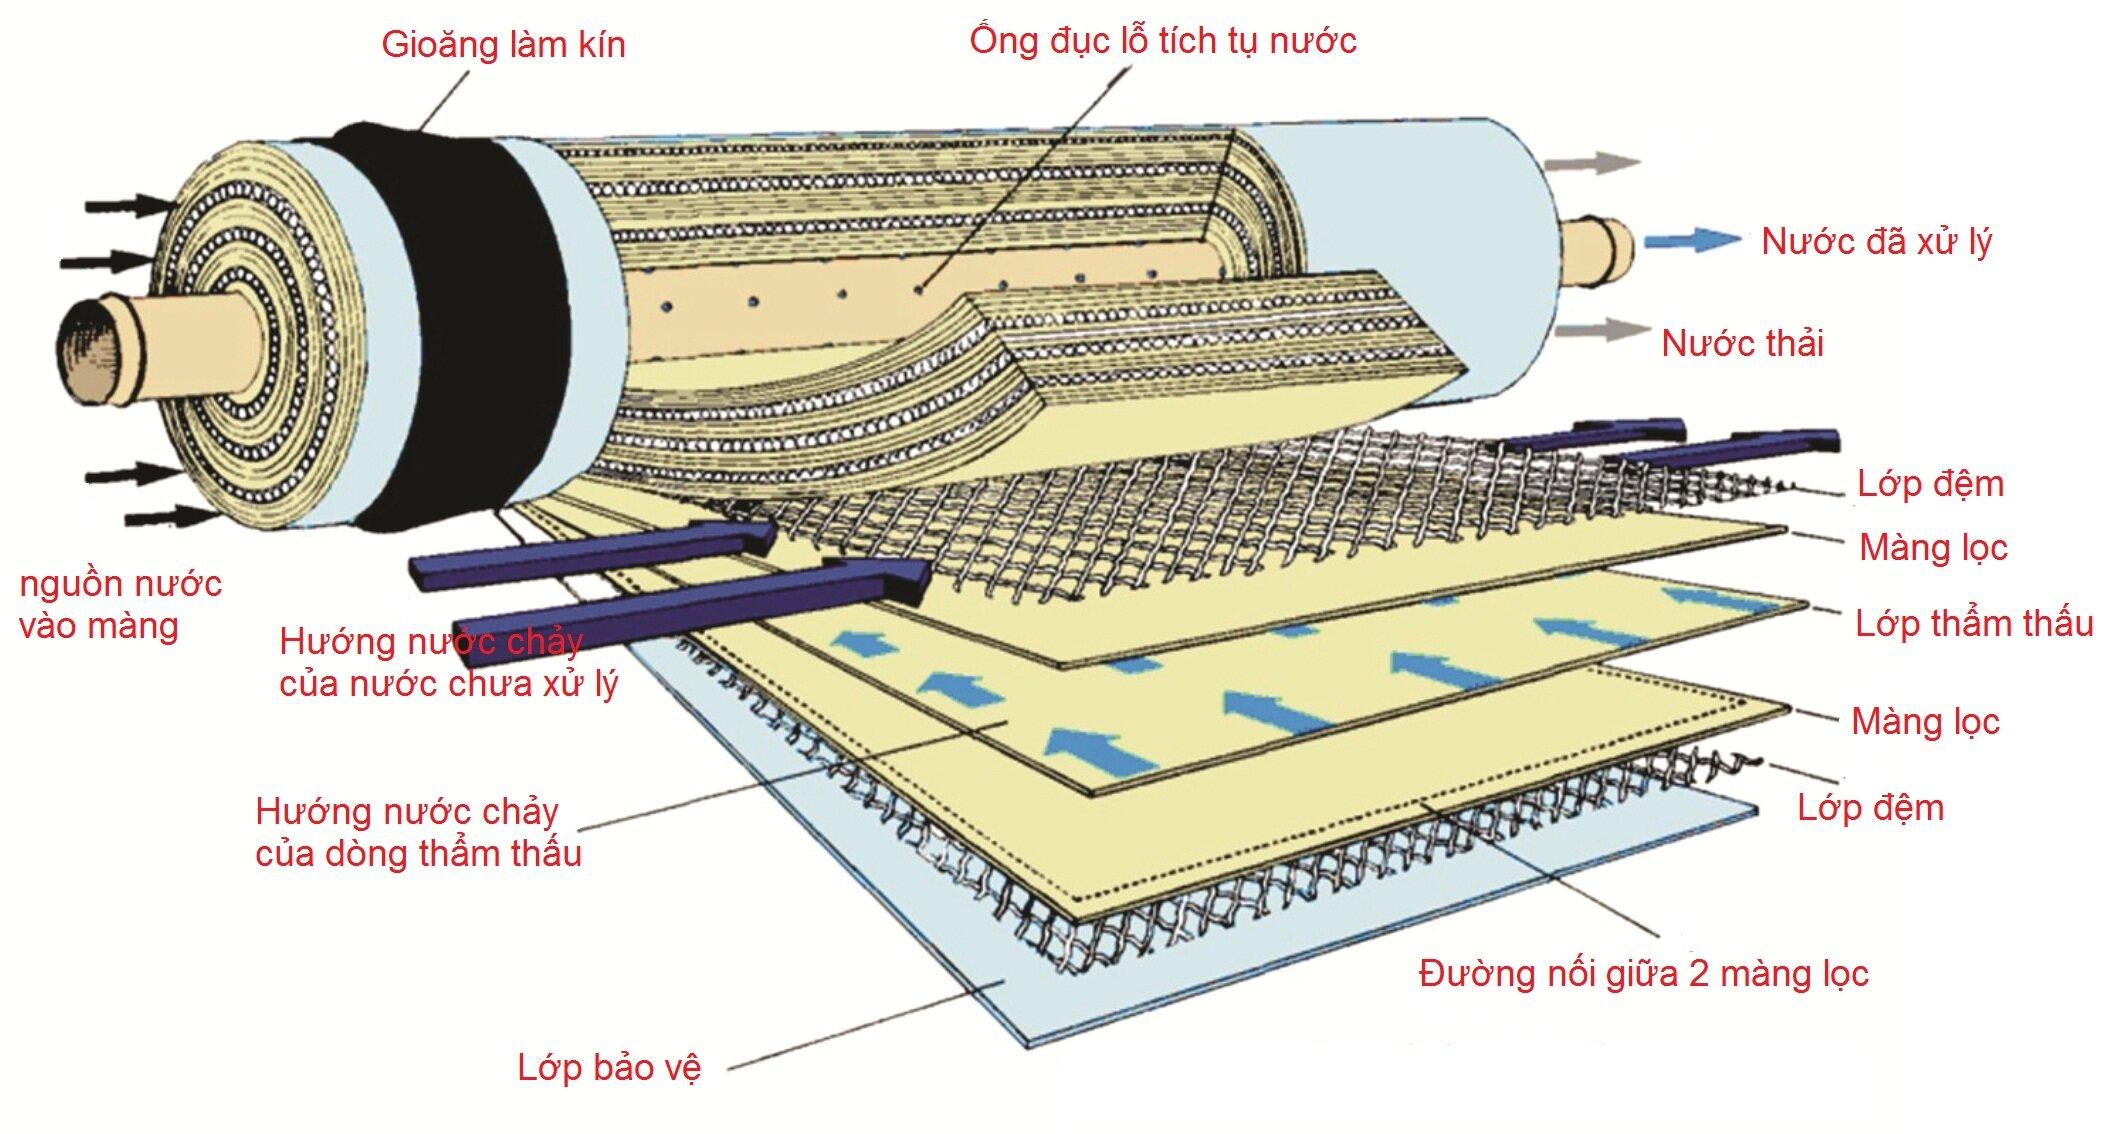 Công nghệ lọc nước RO rất phổ biến hiện nay